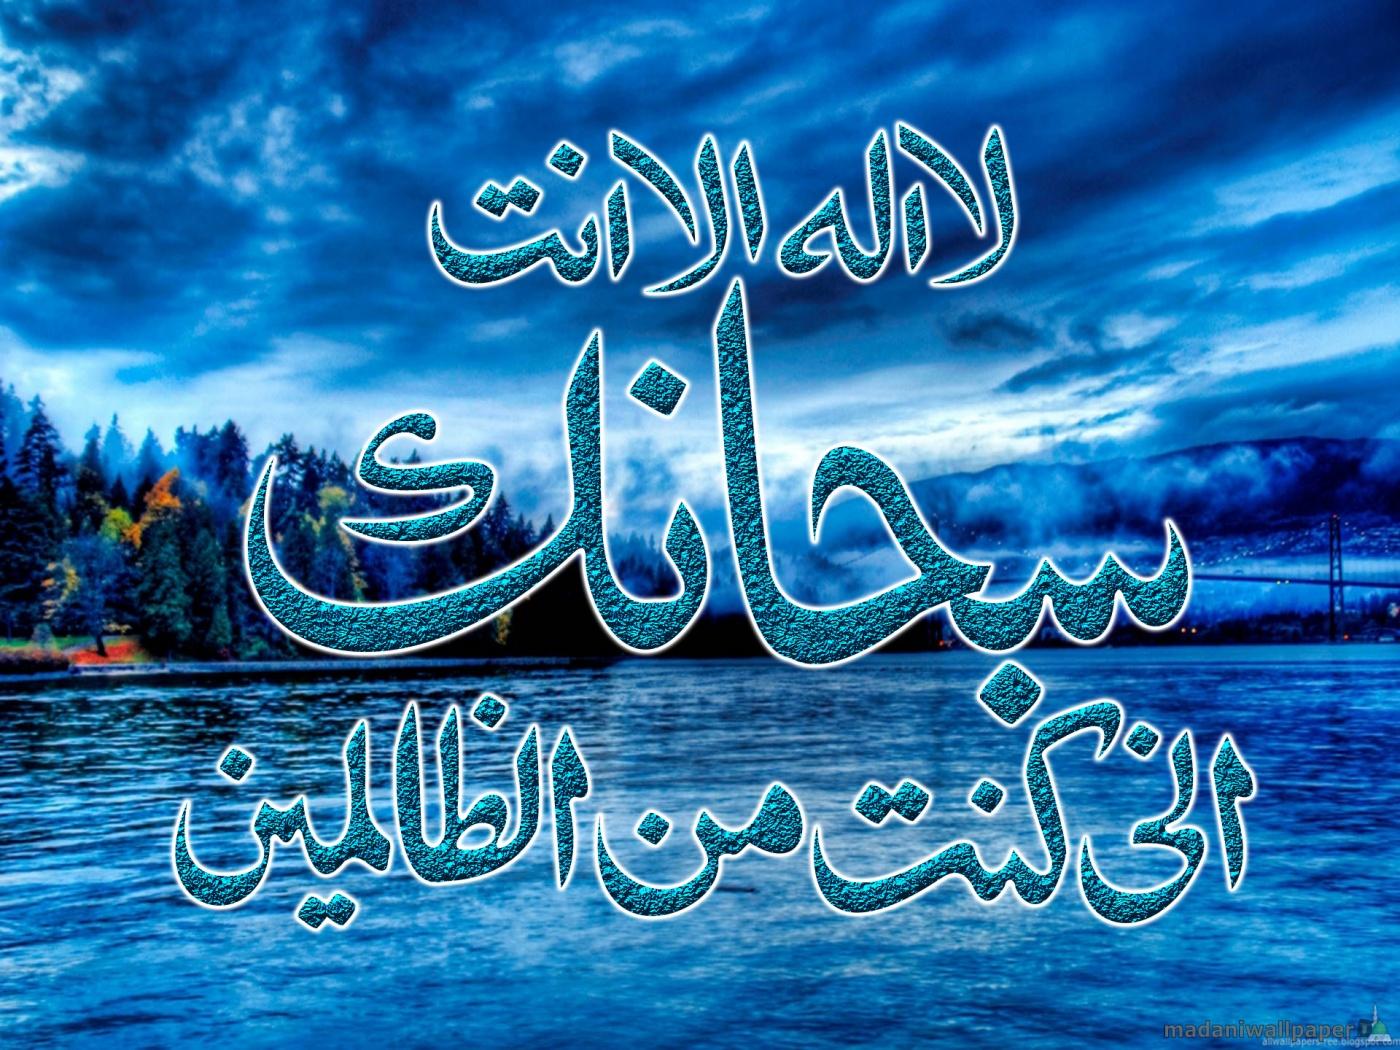 بالصور مسجات تصبحون على خير اسلامية , بالصور مساء الخير اسلاميه 3882 7